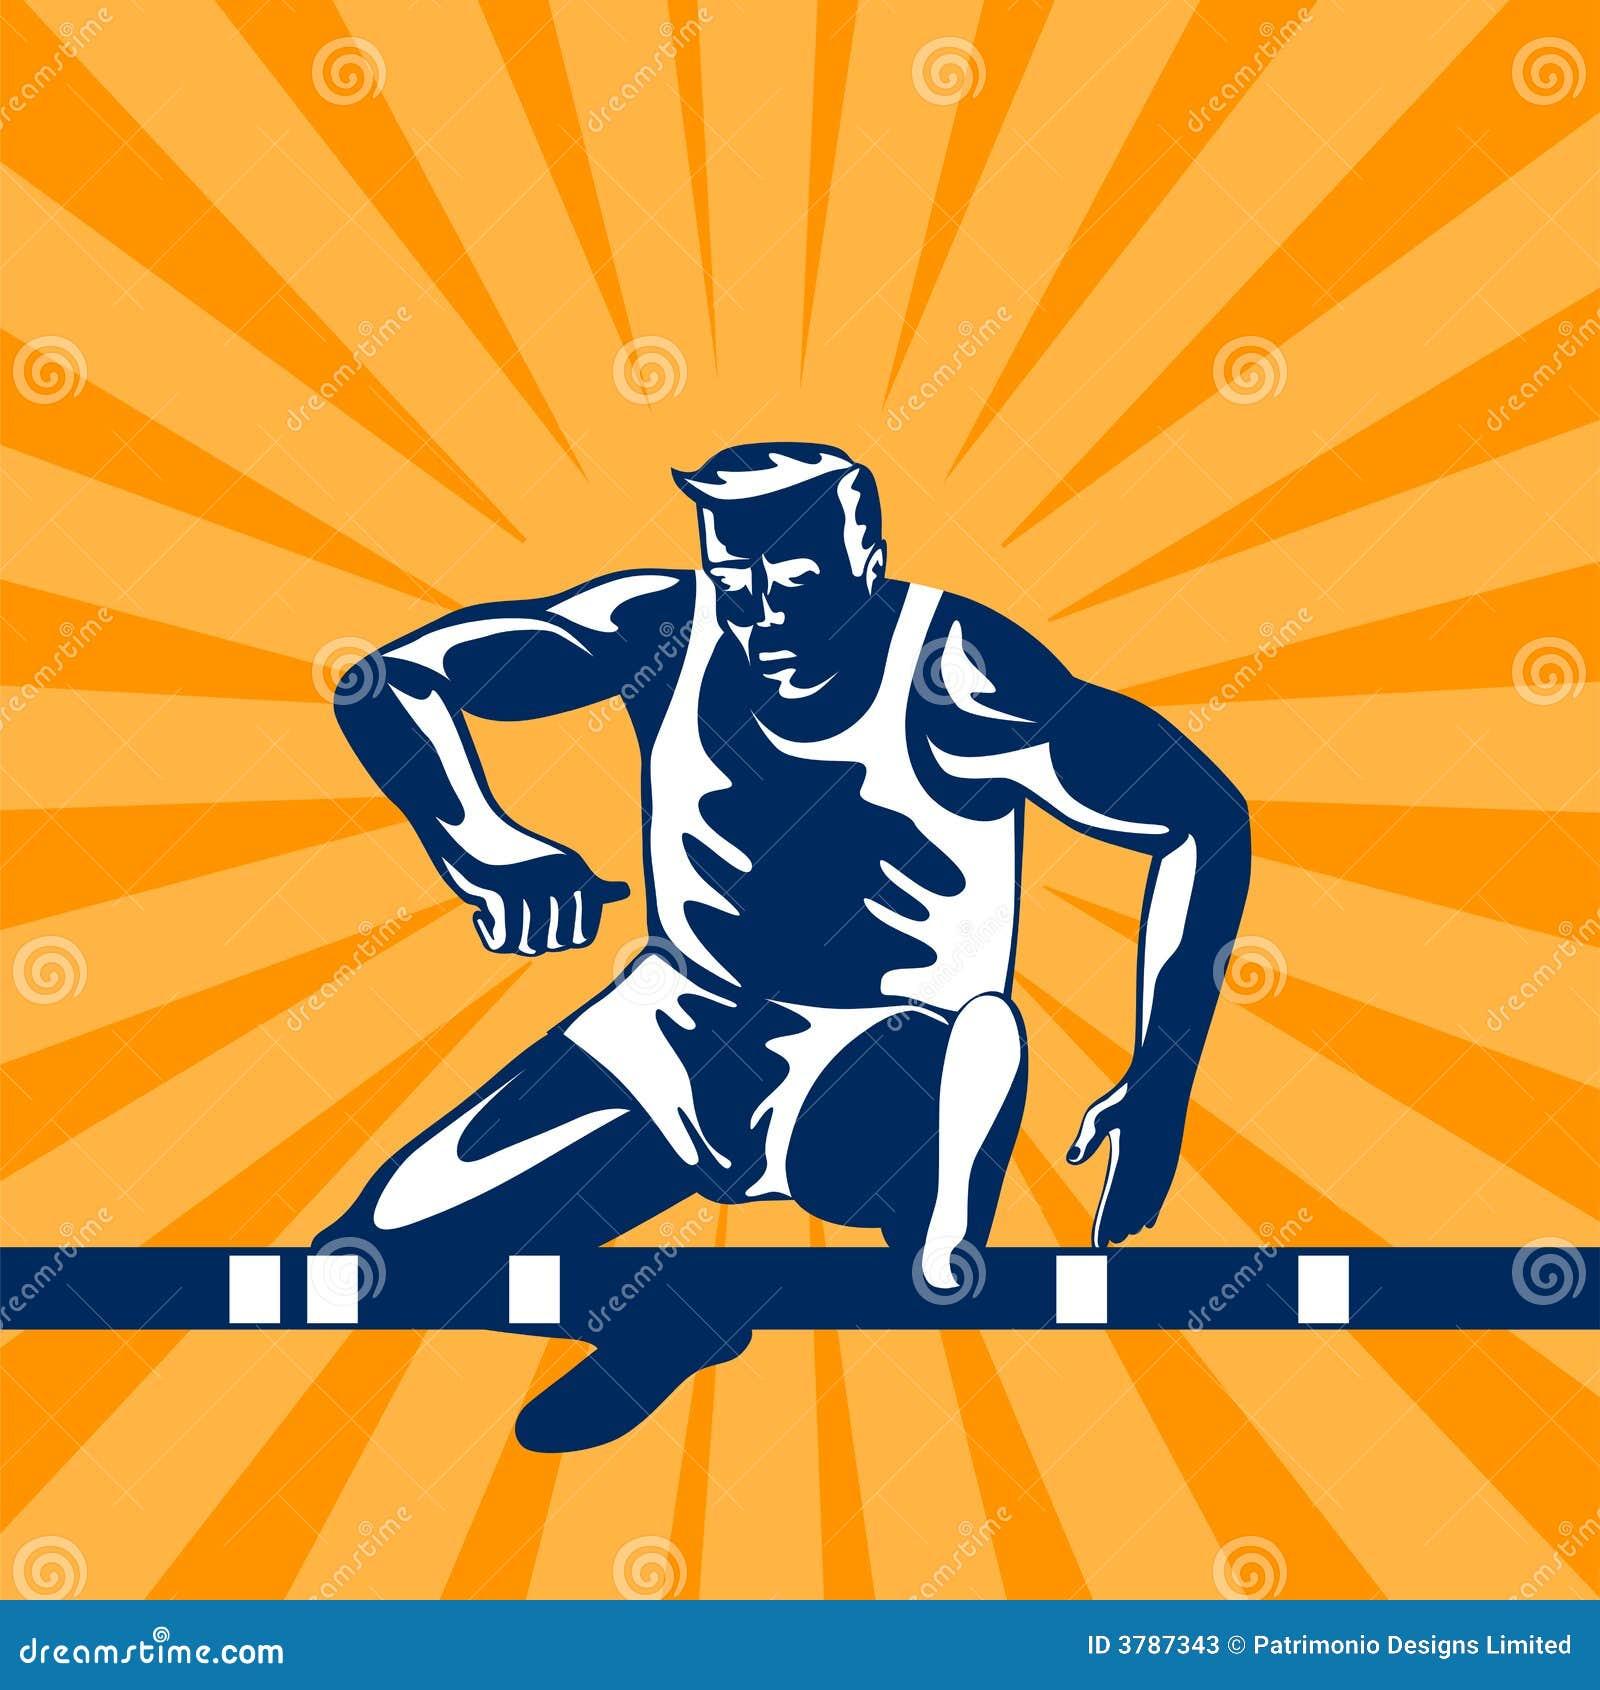 Athlete Jumping Hurdles Stock Photos - Image: 3787343